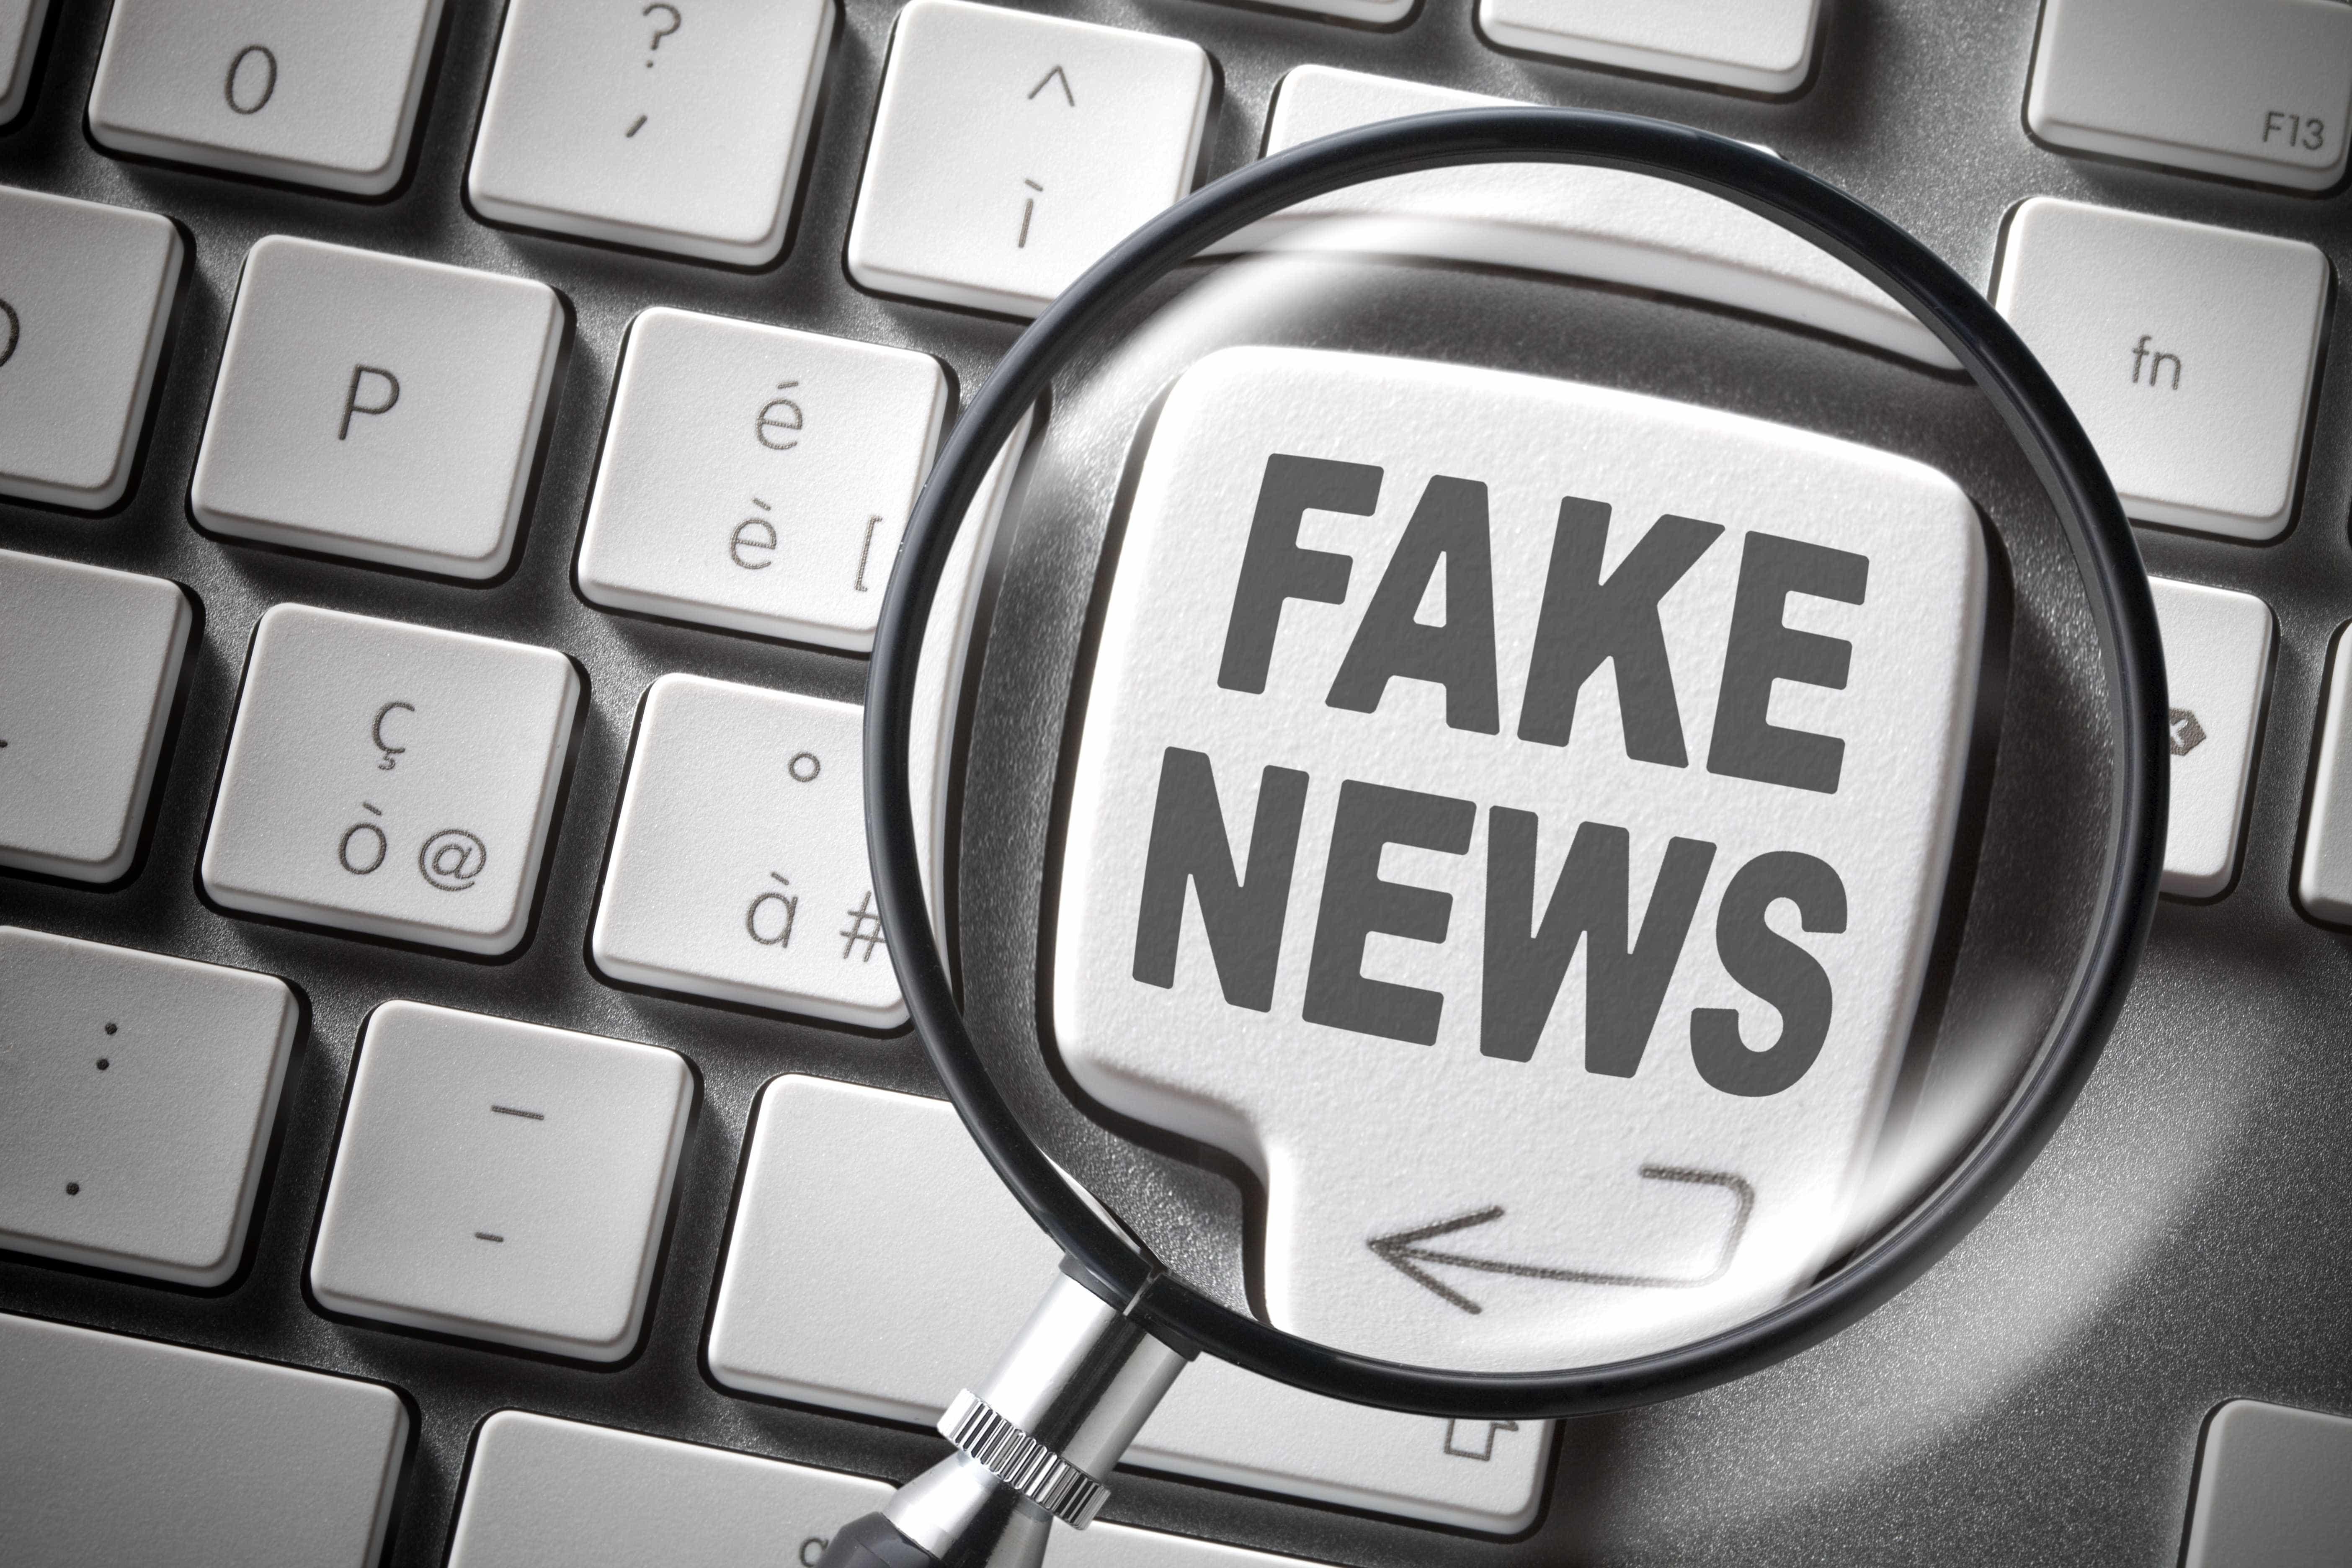 Campeões nas fake news, mais velhos também compartilham mais checagens